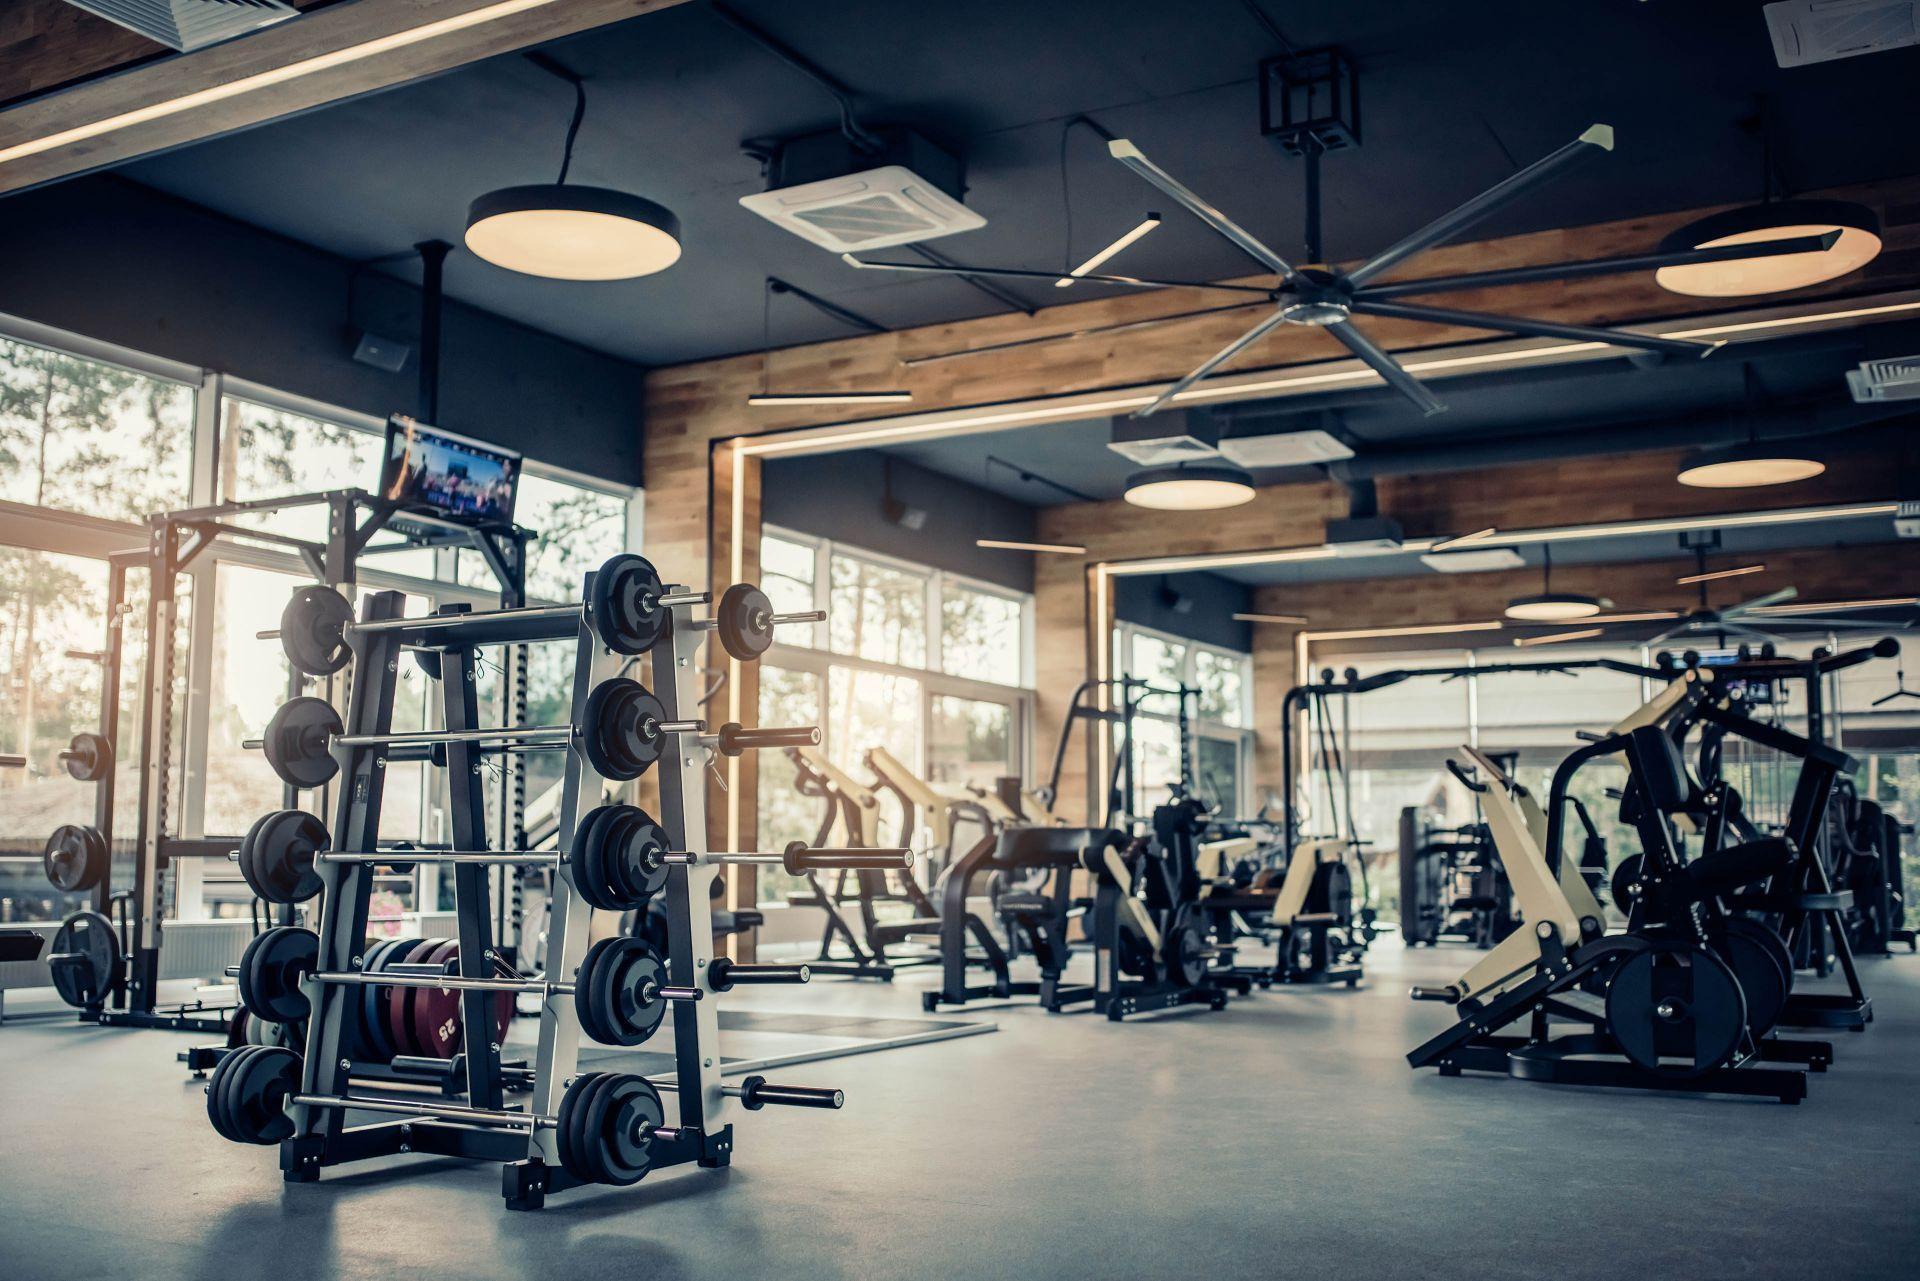 Greece sports: Gyms in Greece